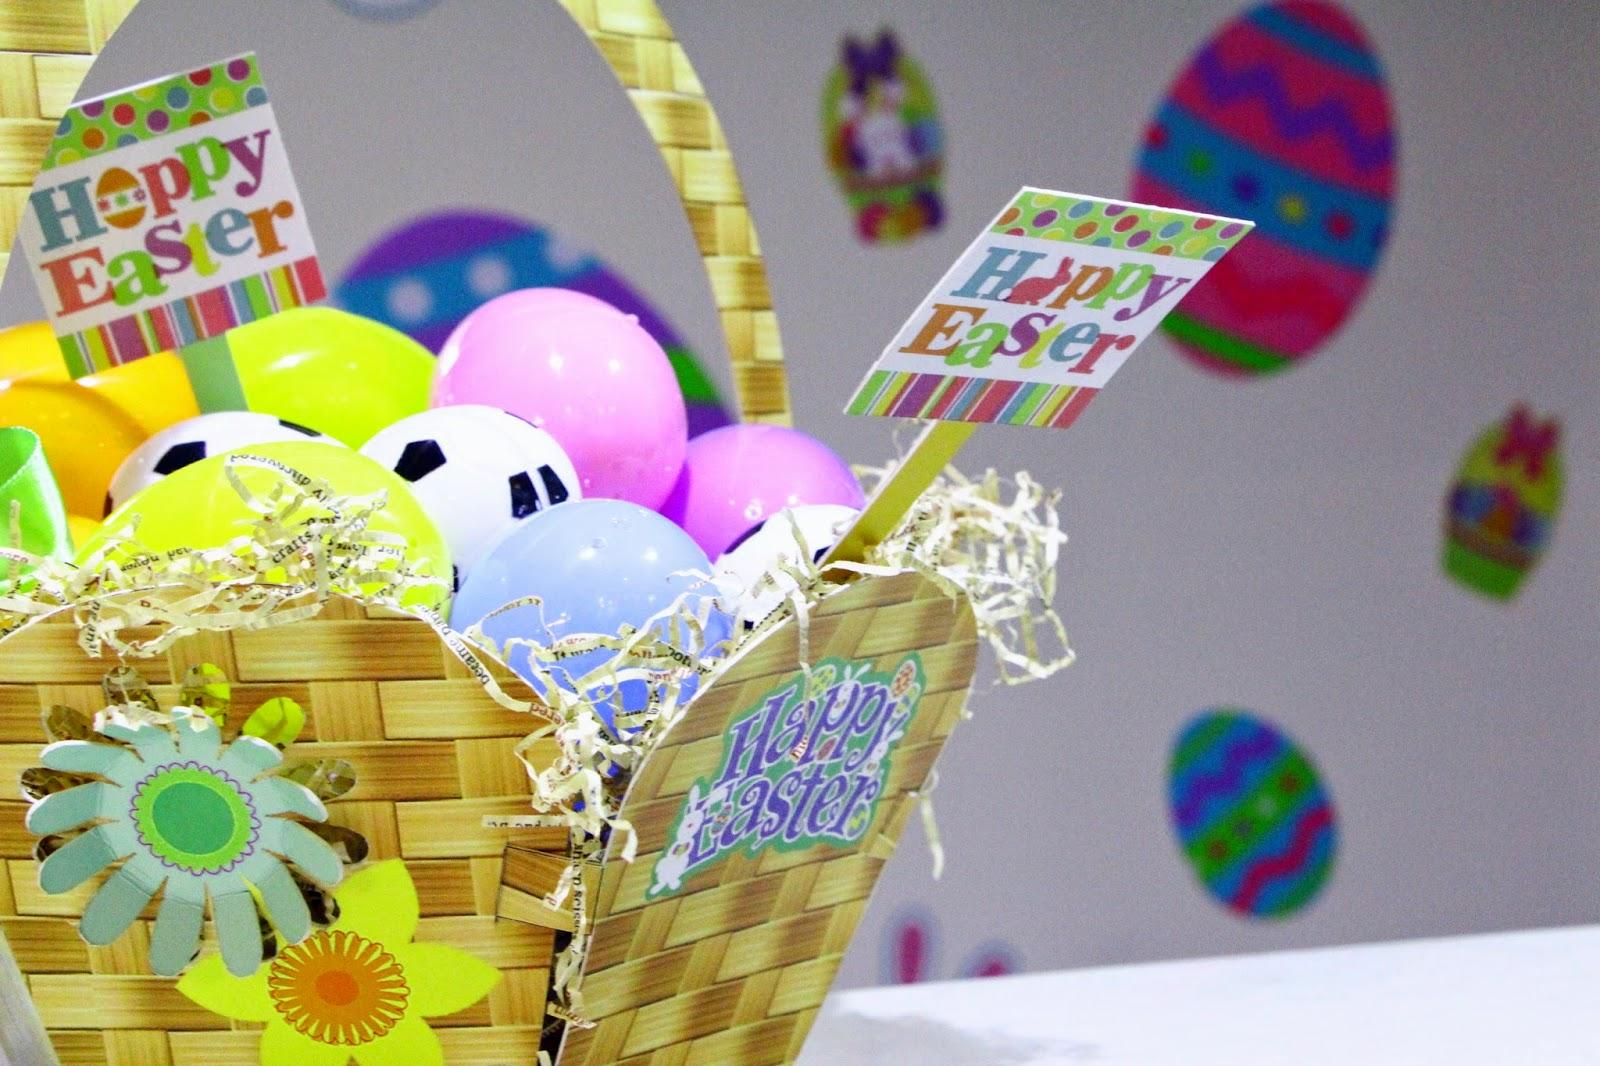 復活節彩蛋派對 Happy Easter Party